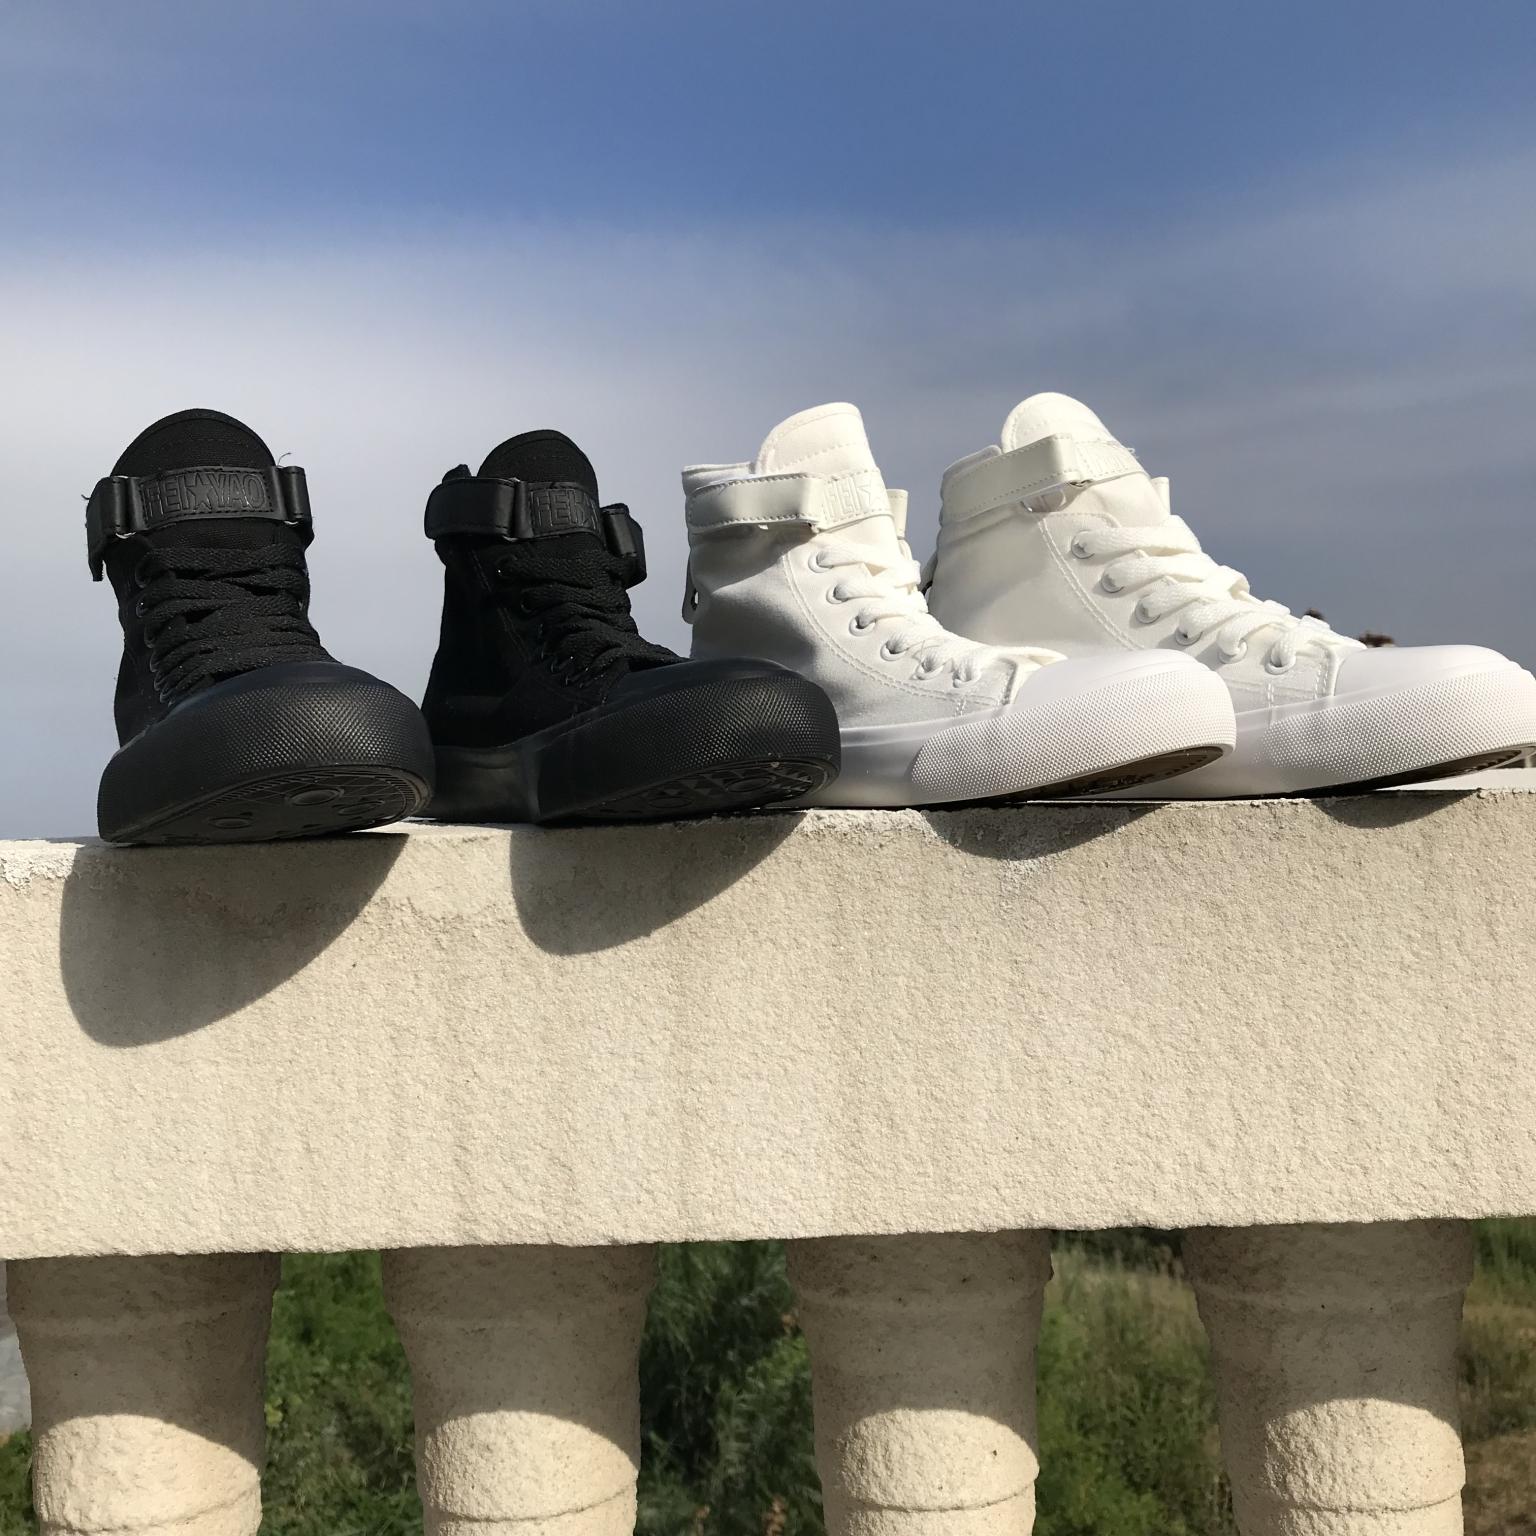 夏复古原宿魔术贴男女学生情侣高帮小白鞋帆布鞋全黑色休闲滑板鞋